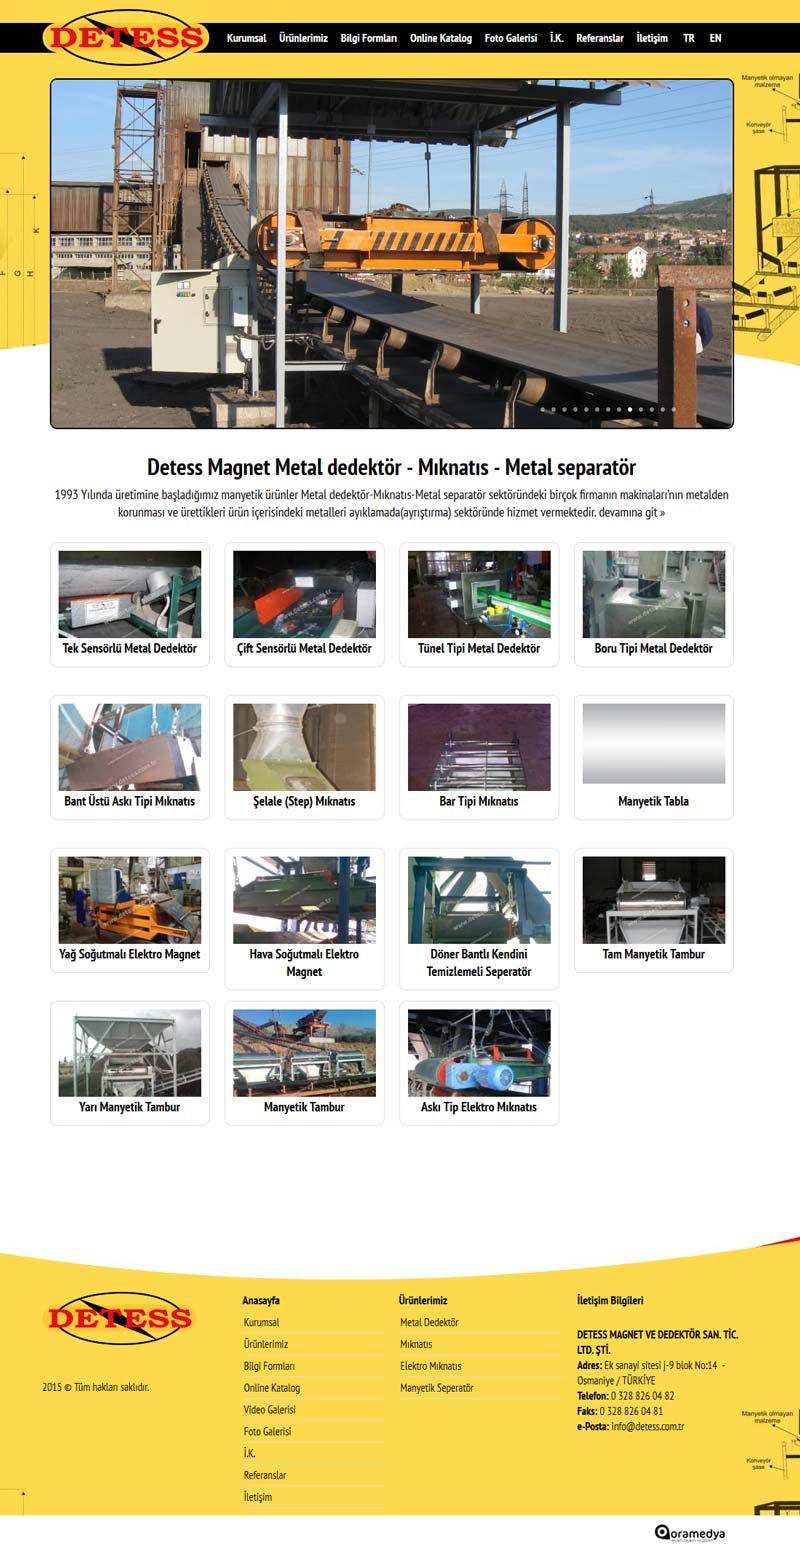 Detess Magnet ve Metal Dedektör - Sepetatör - Mıknatıs Osmaniye Web Tasarımı